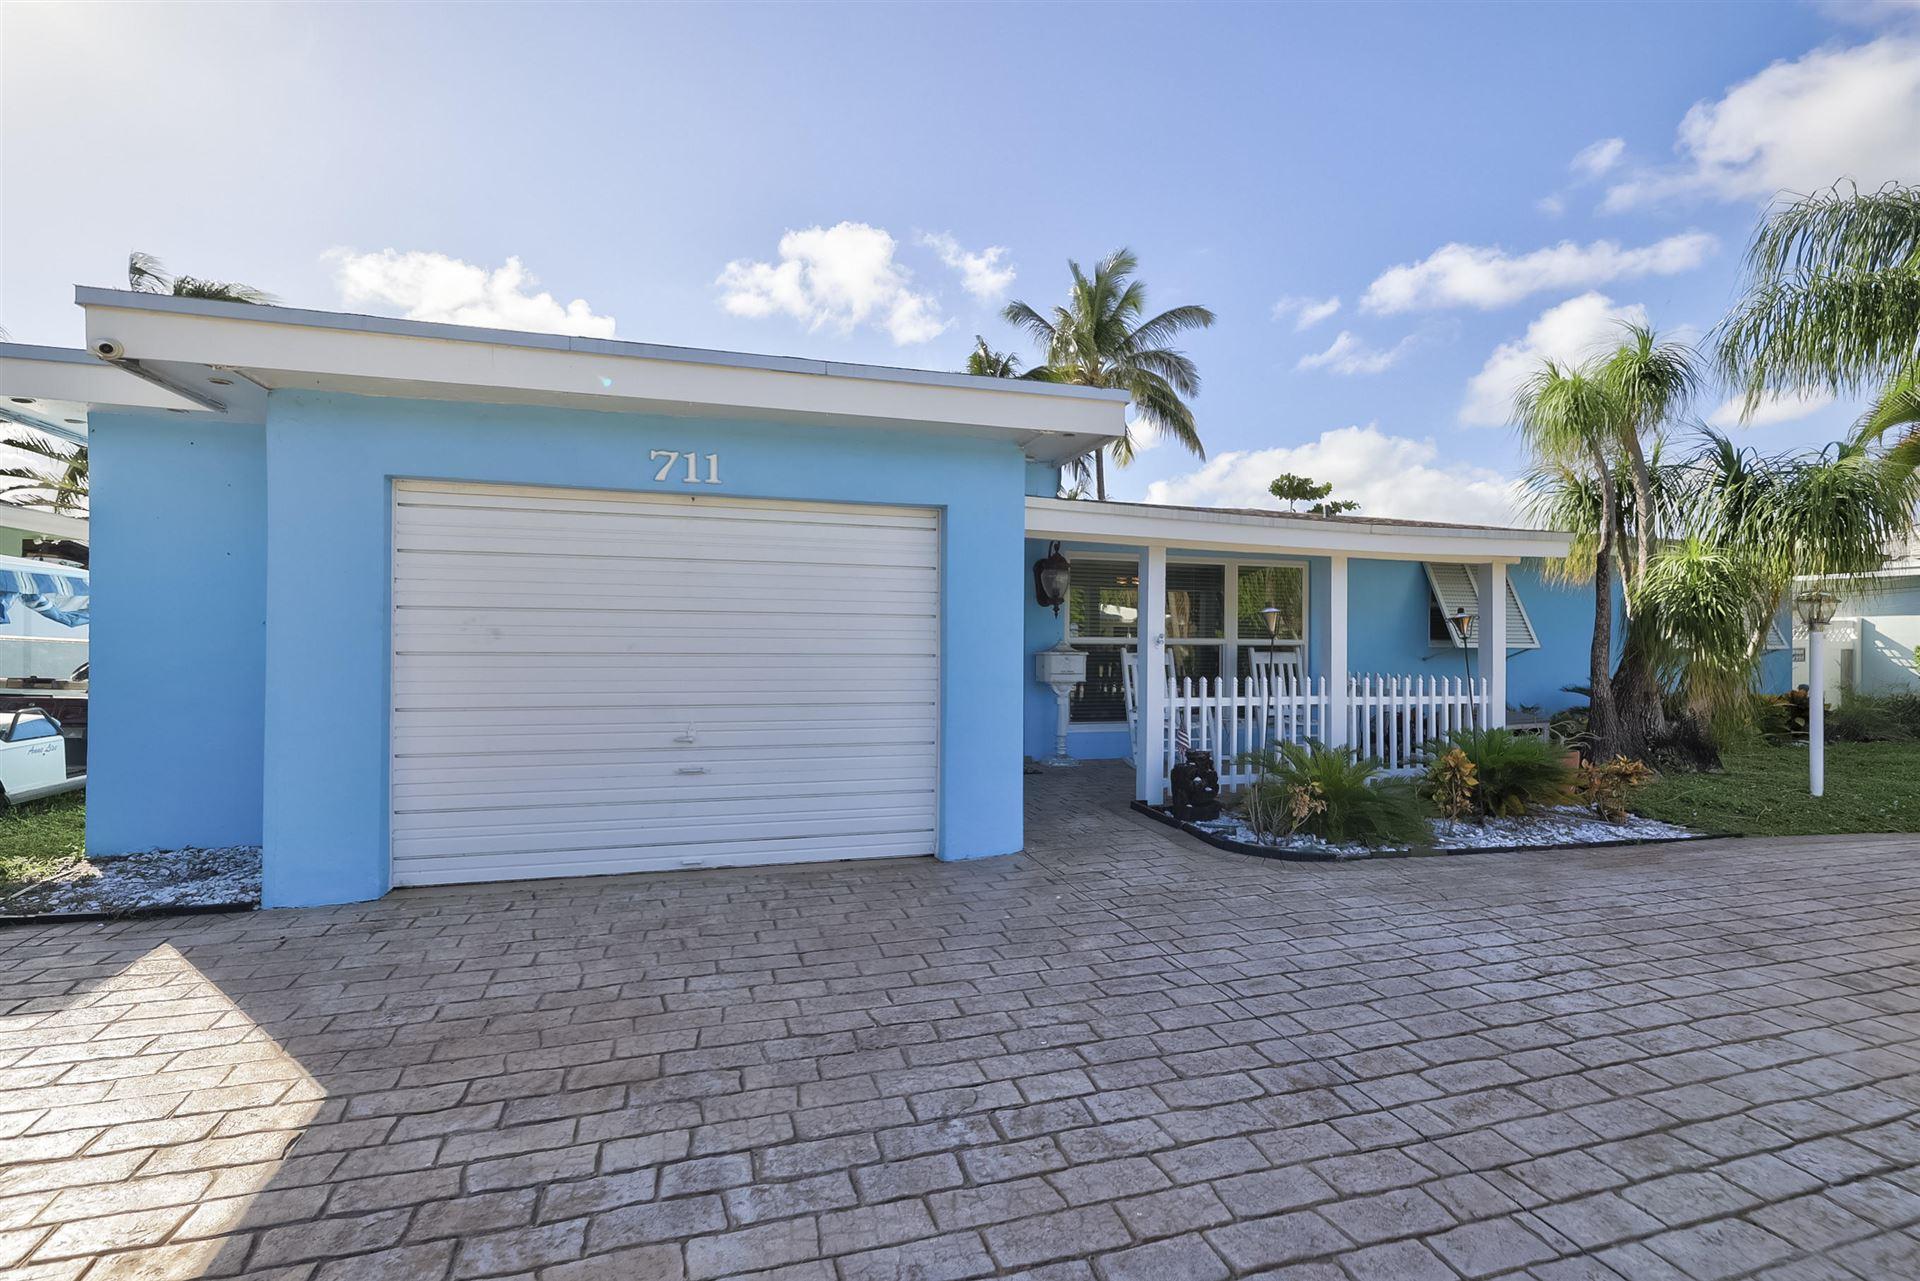 711 SE 5 Avenue, Pompano Beach, FL 33060 - #: RX-10667114